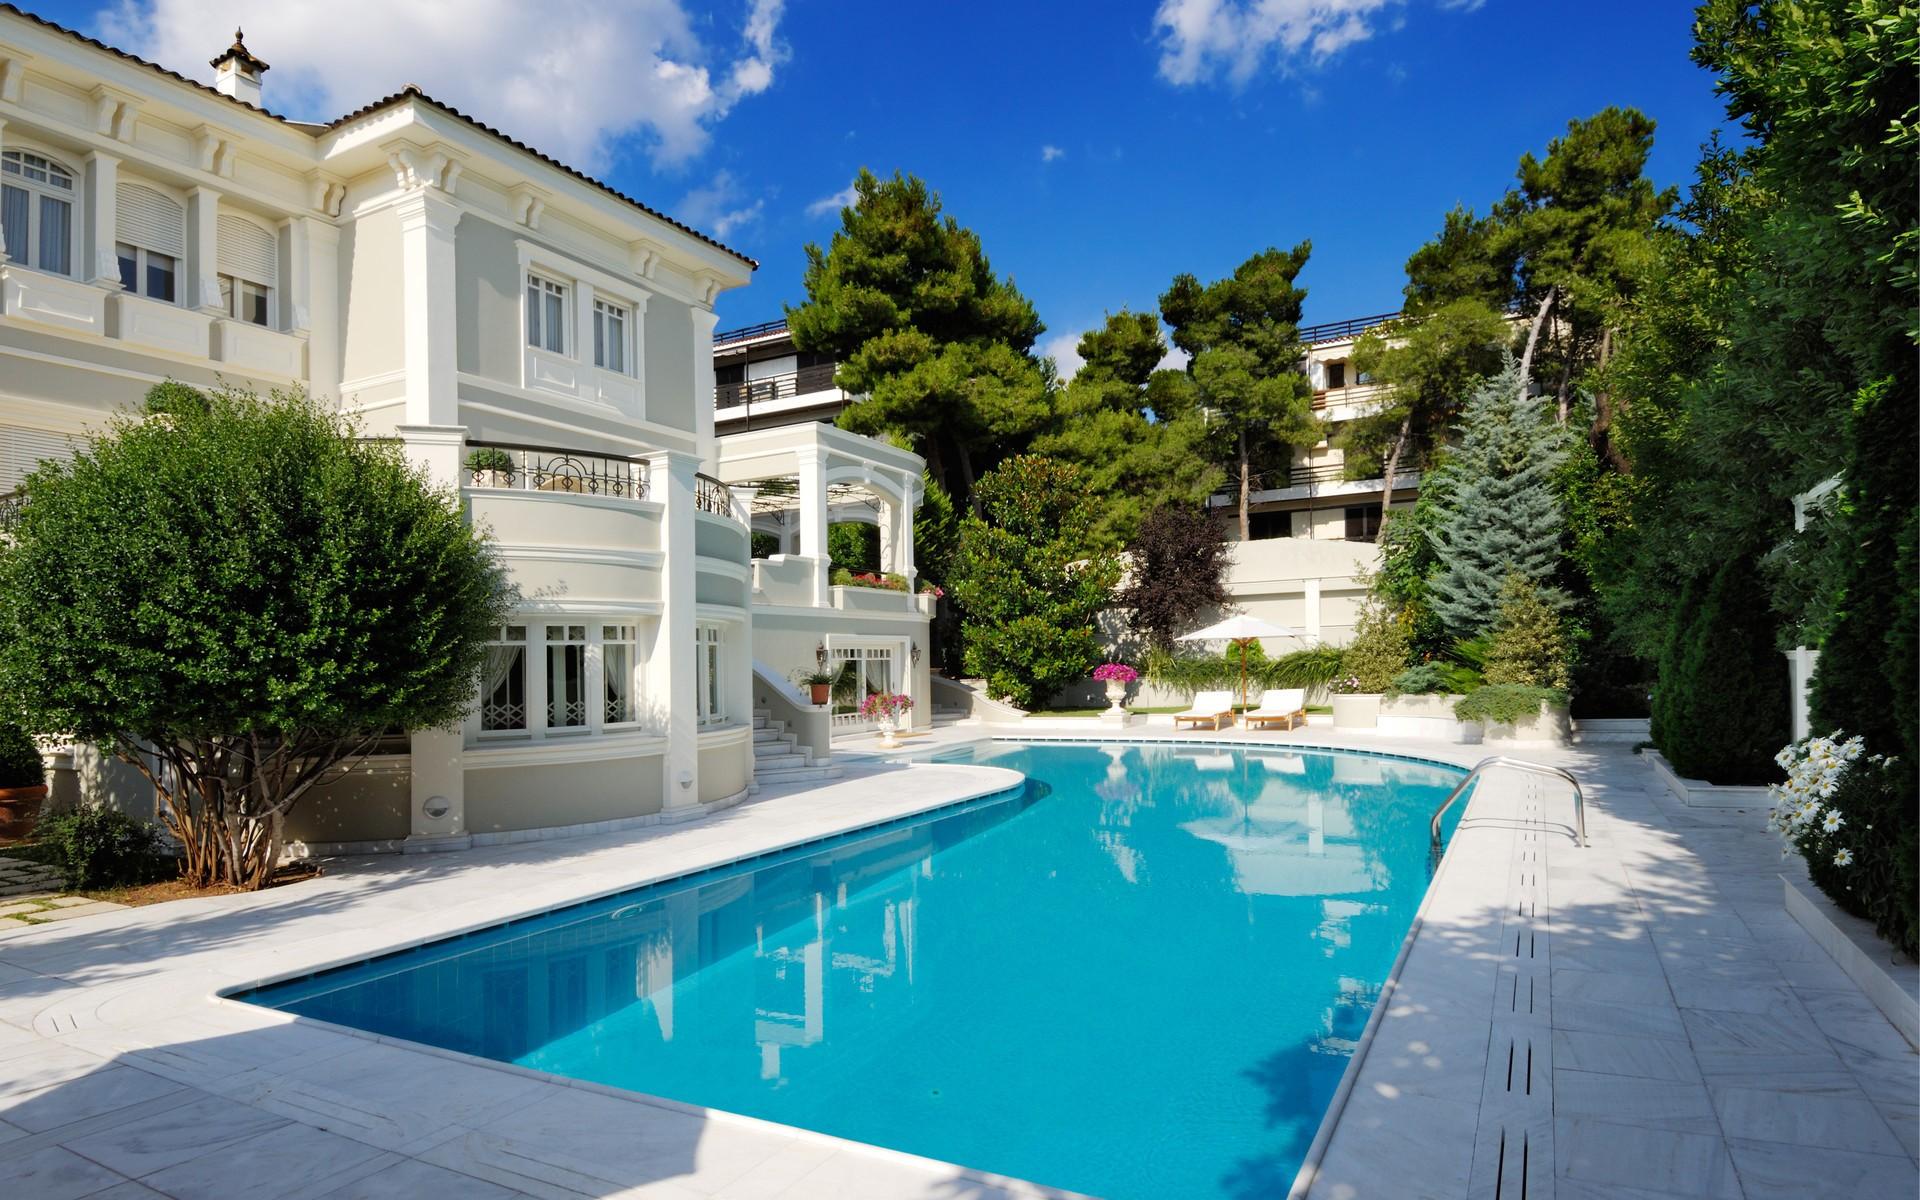 Casa con piscina - 1920x1200